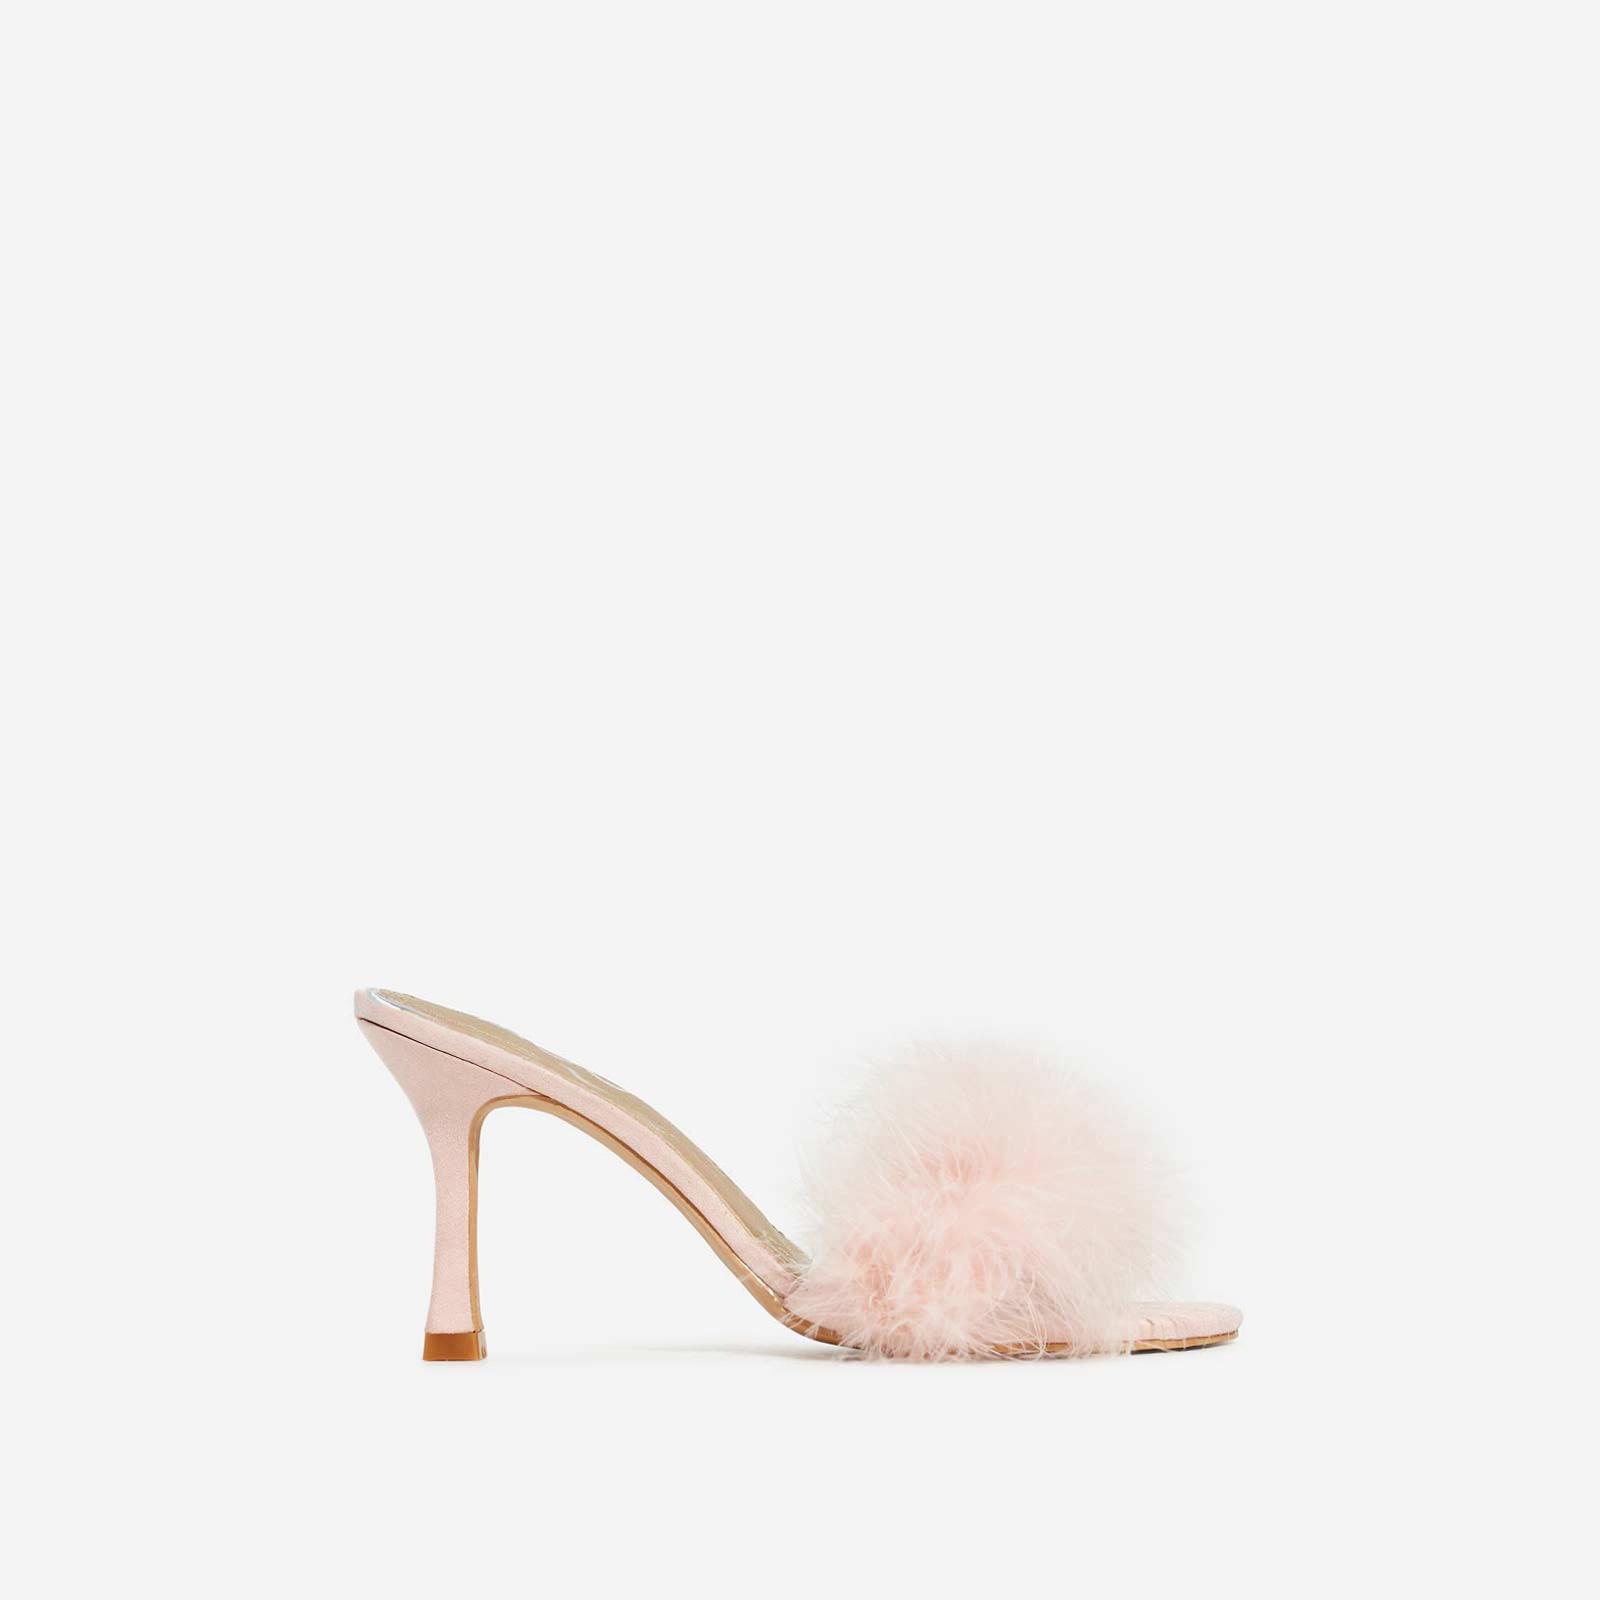 Fairydust Faux Feather Peep Toe Kitten Heel Mule In Pink Faux Suede